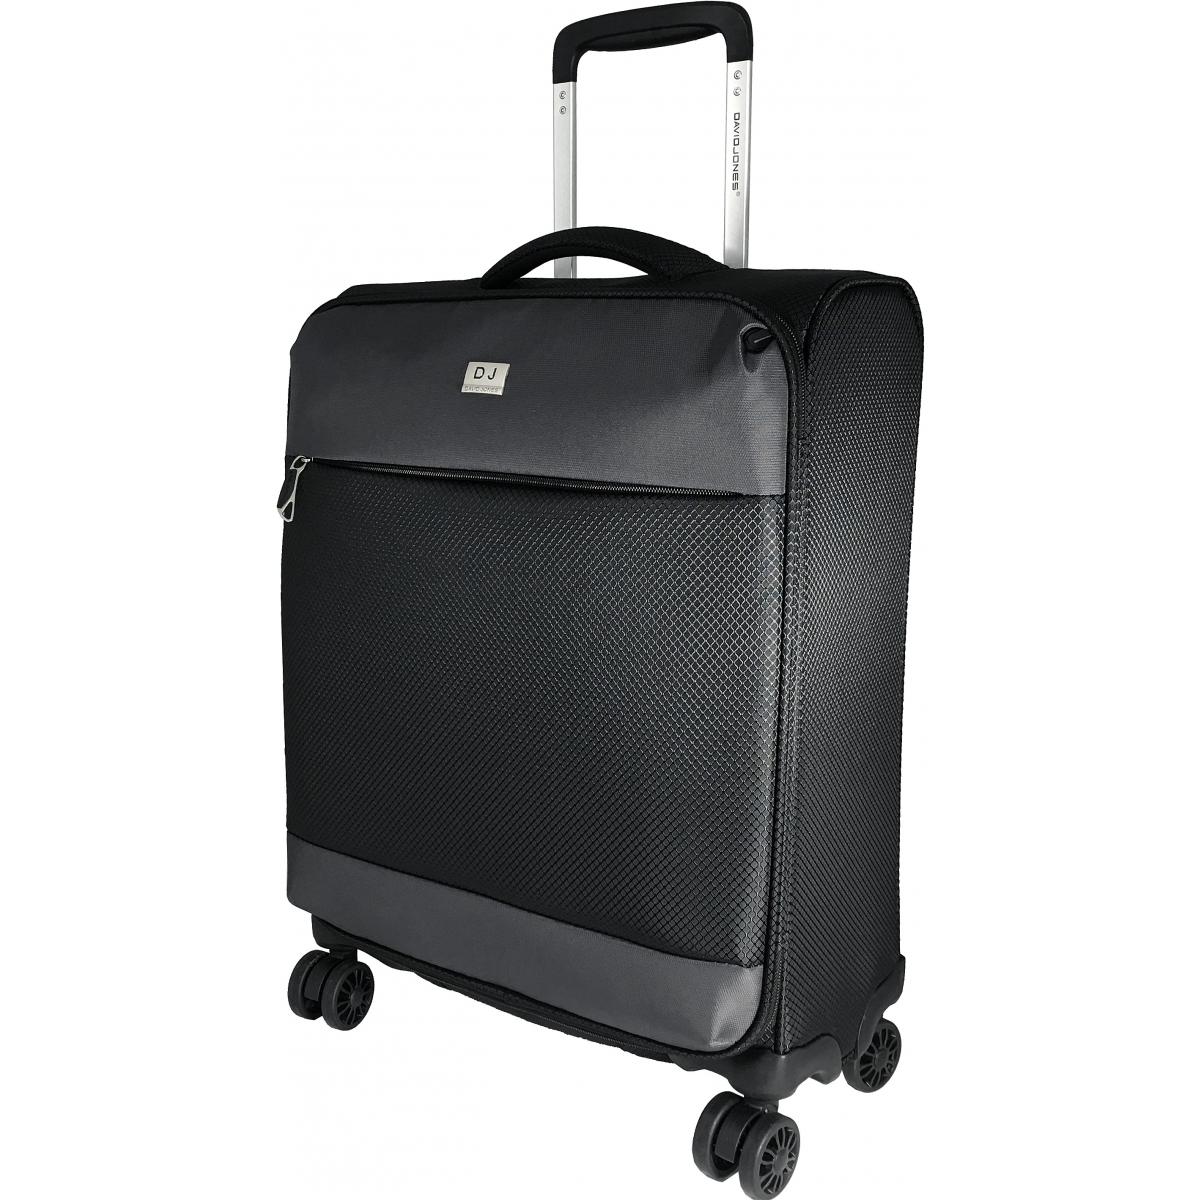 valise cabine souple david jones 53 cm noir ba50441p couleur principale noir valise. Black Bedroom Furniture Sets. Home Design Ideas